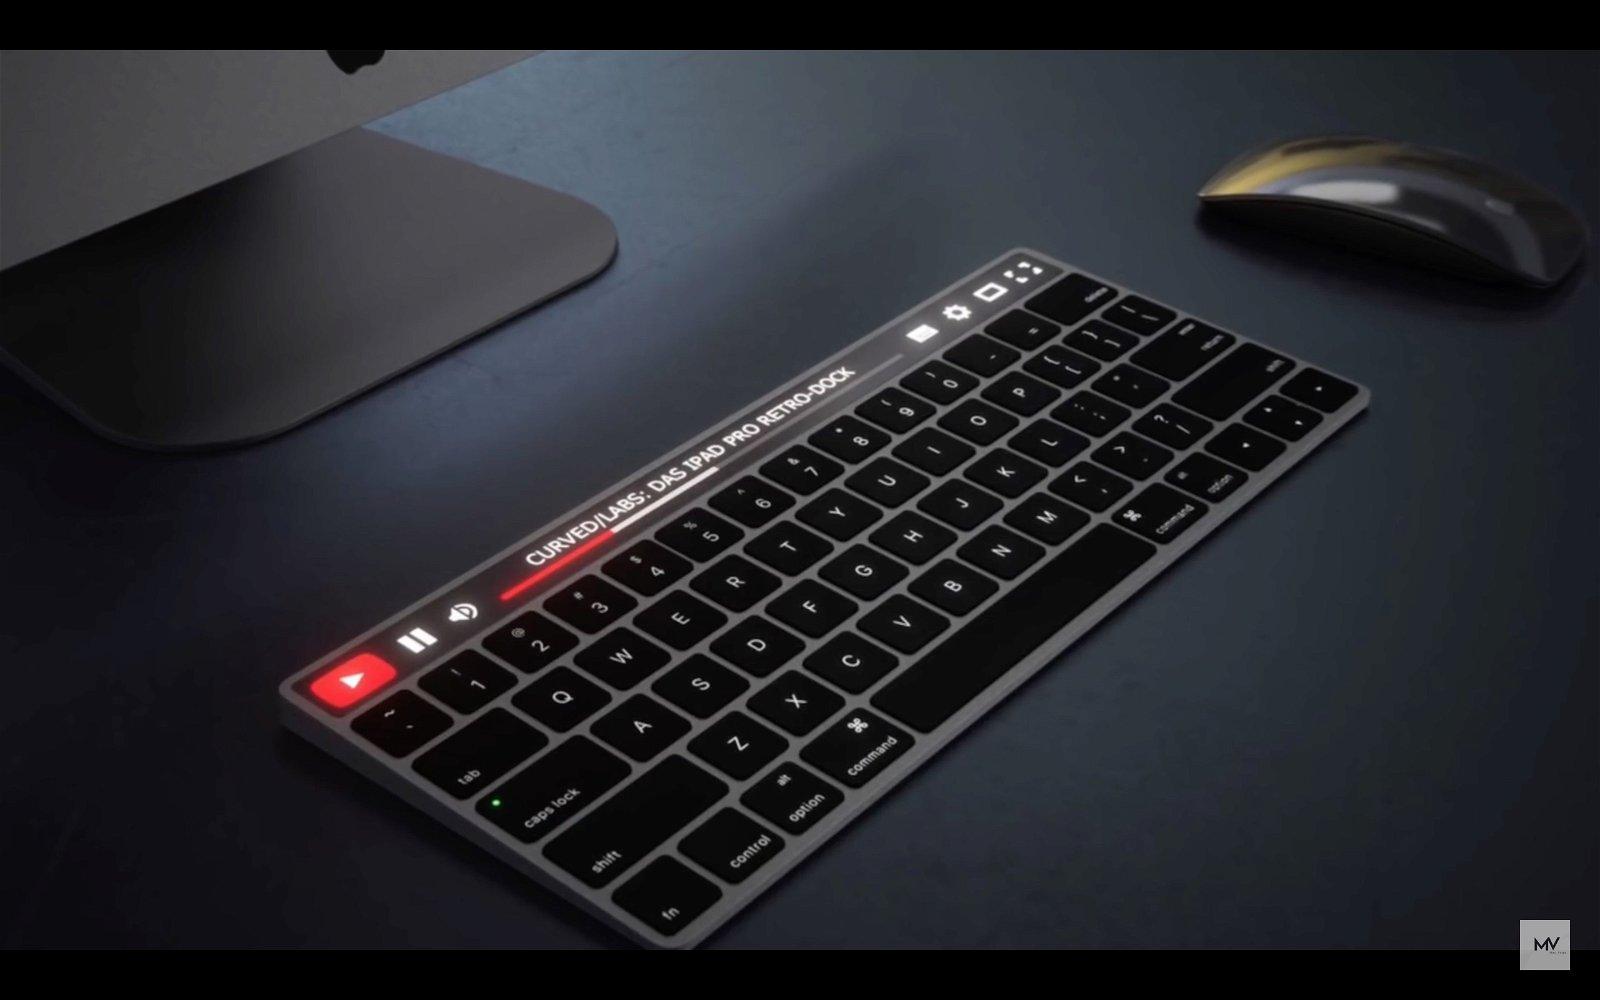 Nuevo Mac mini: esto es lo que nos gustaría ver